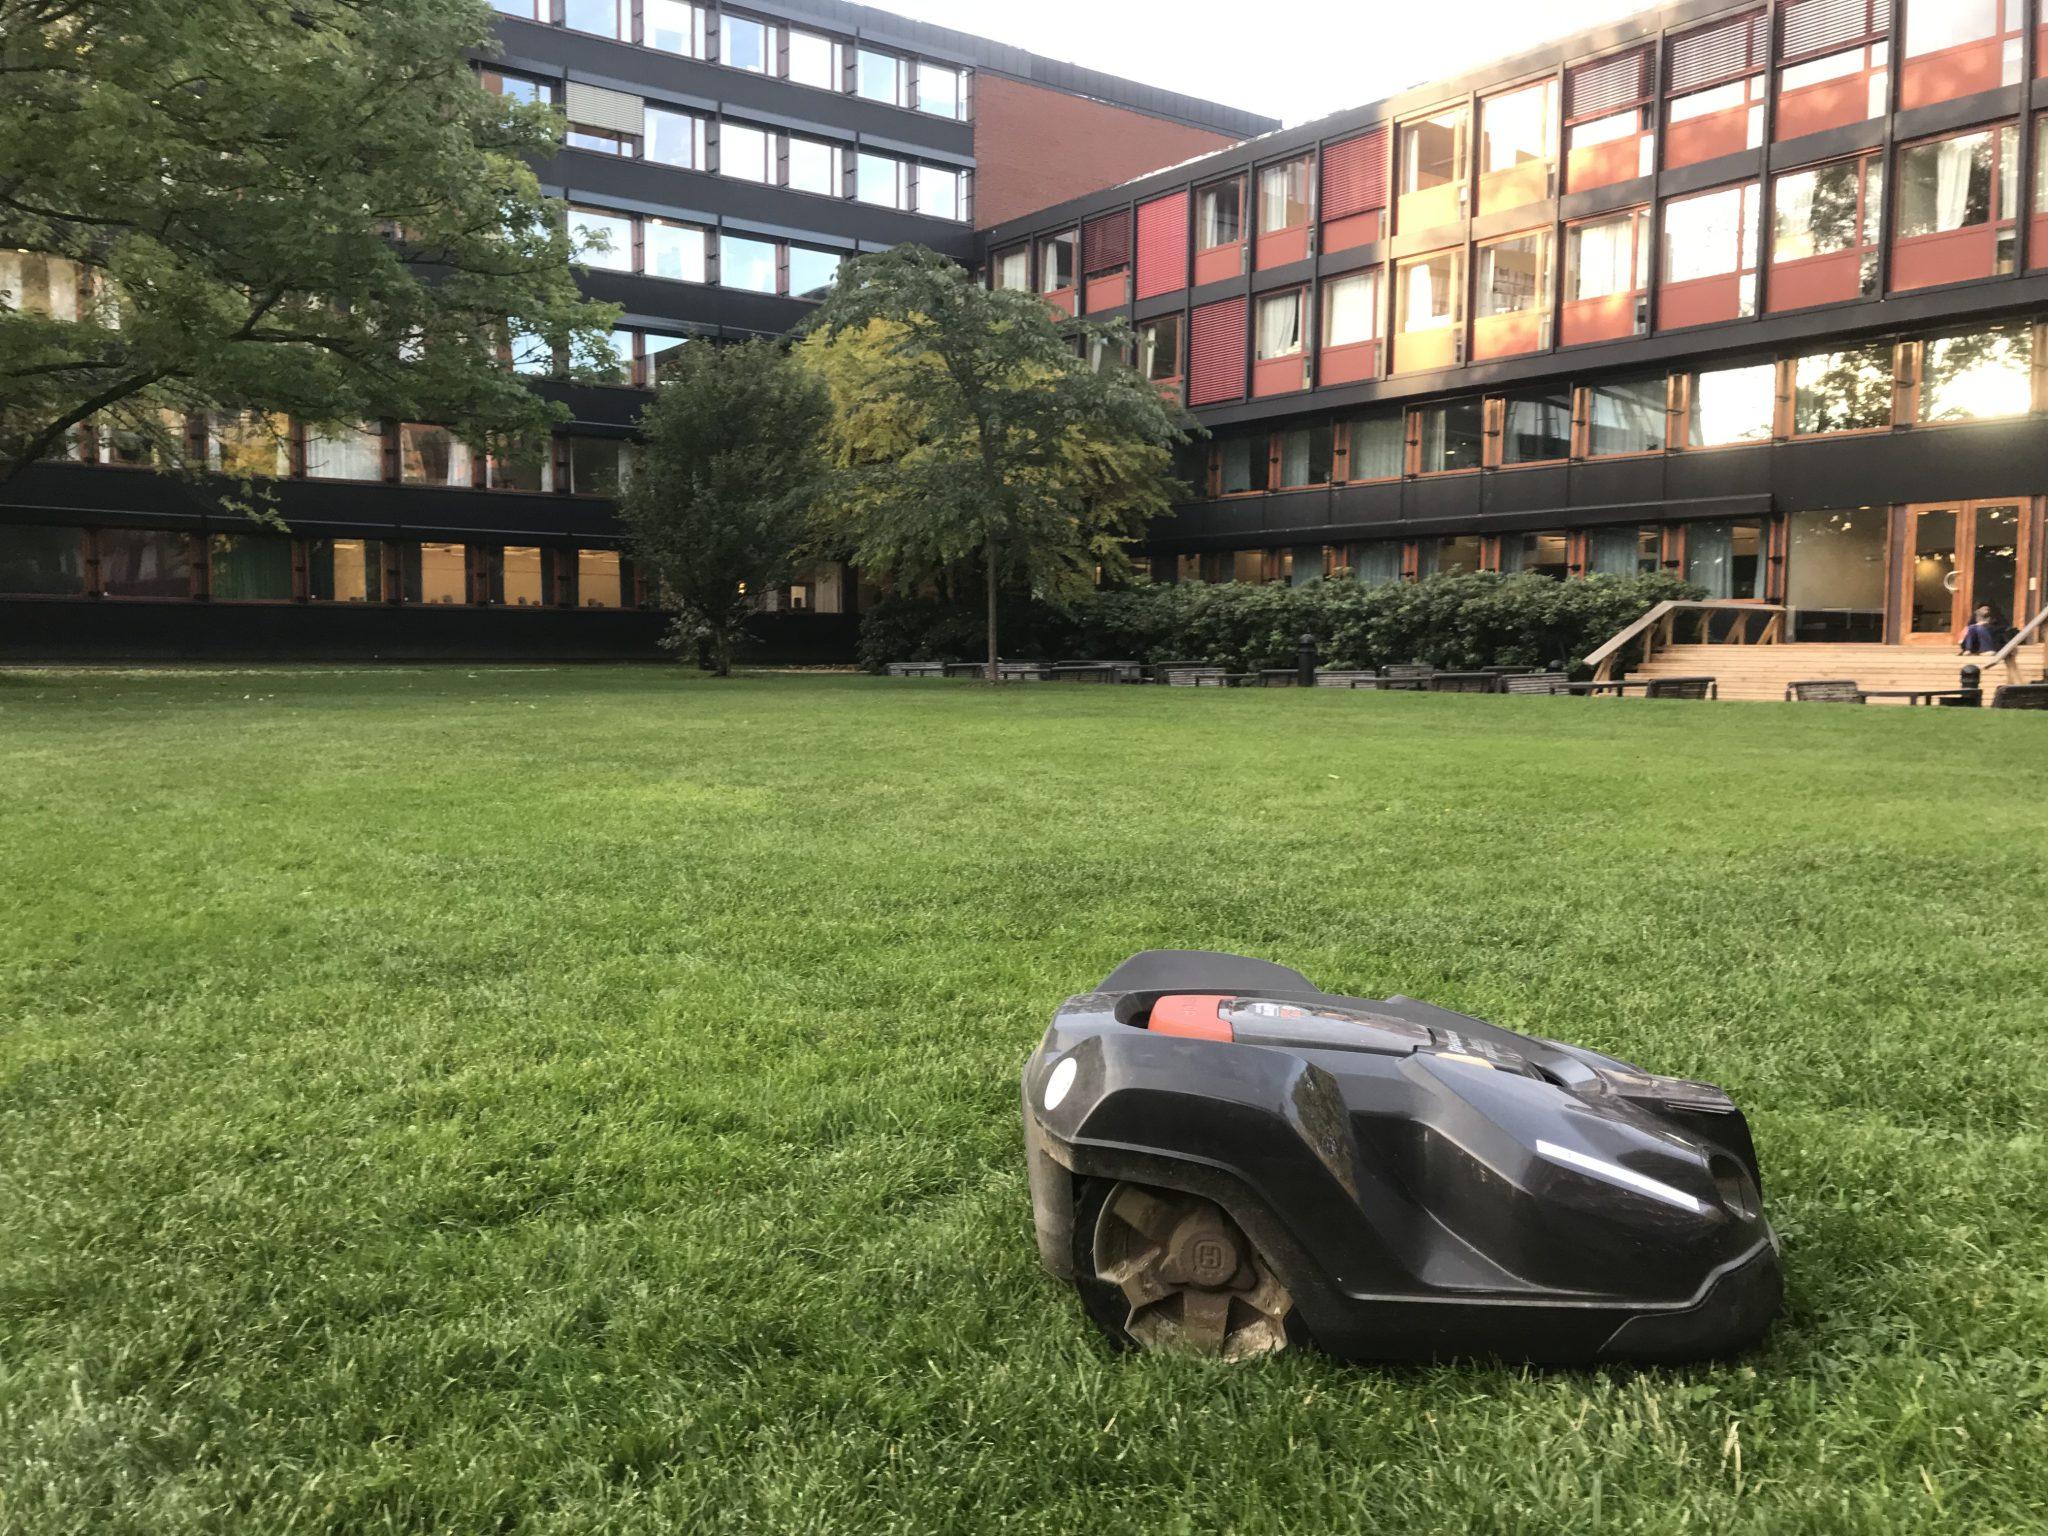 An der Universität Oslo wurden die Gärtner durch Rasenmäher-Roboter ersetzt, die nach dem Zufallsprinzip über die Wiesen tuckern. Foto: Lena Fiedler